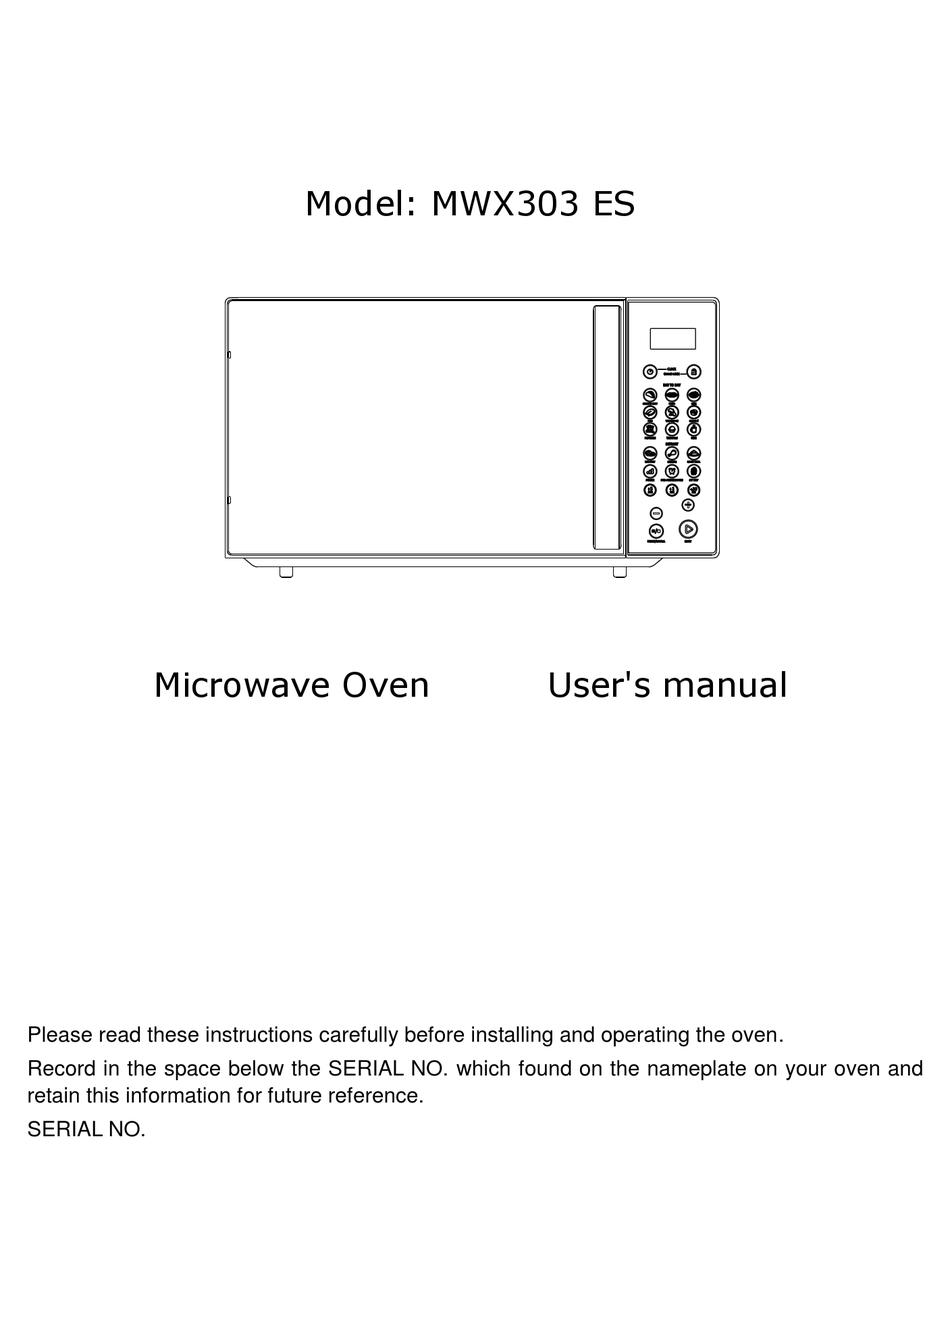 whirlpool mwx303 es user manual pdf